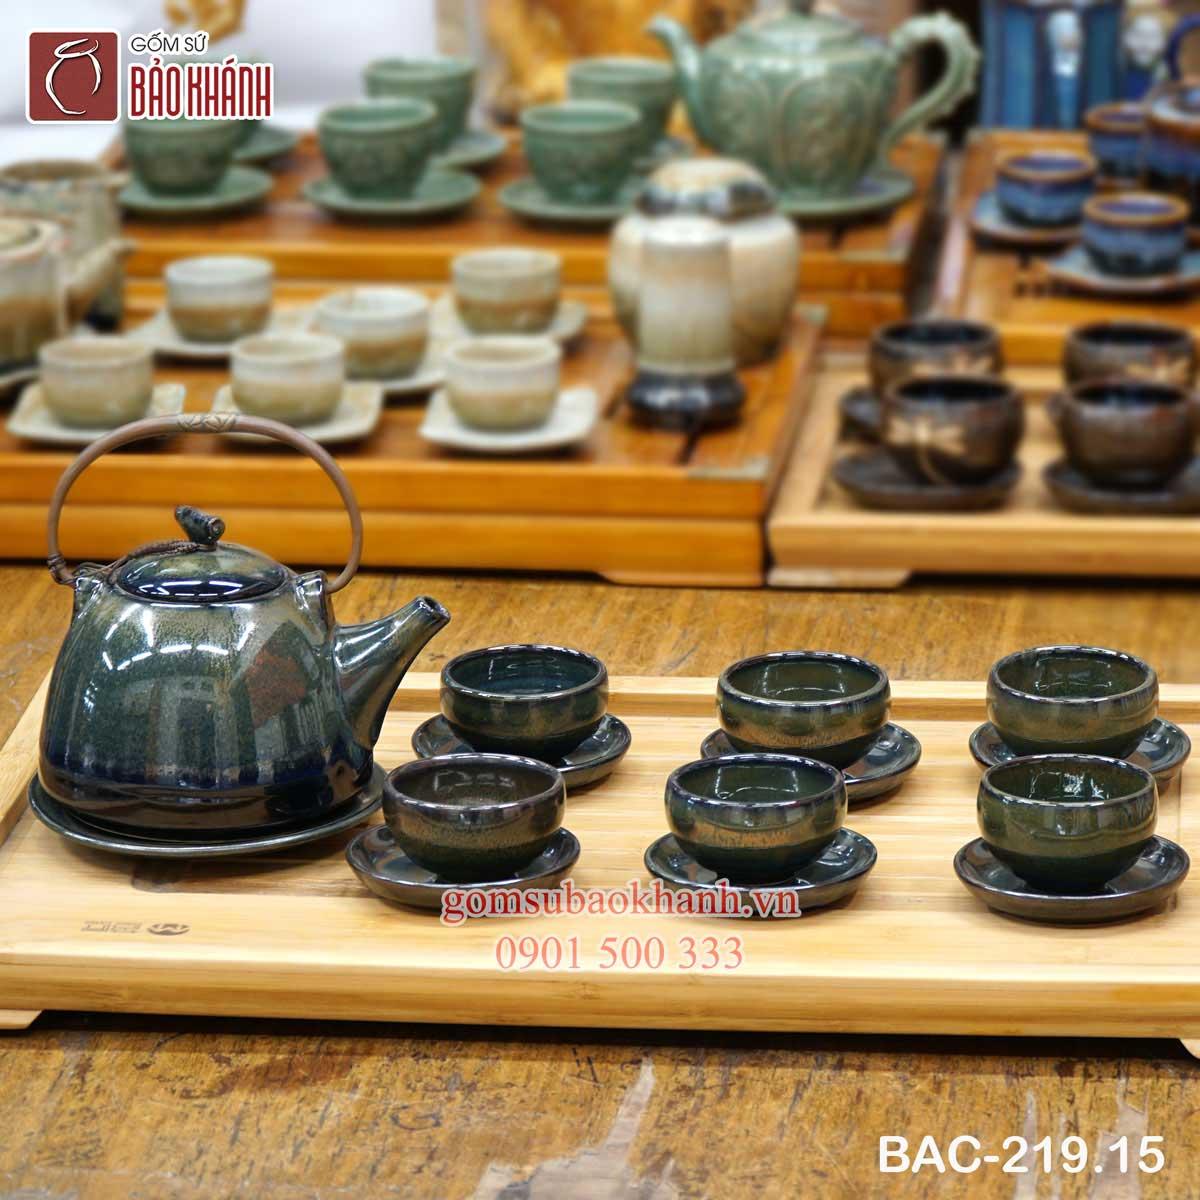 Bộ ấm chén uống trà hỏa biến men xanh đen